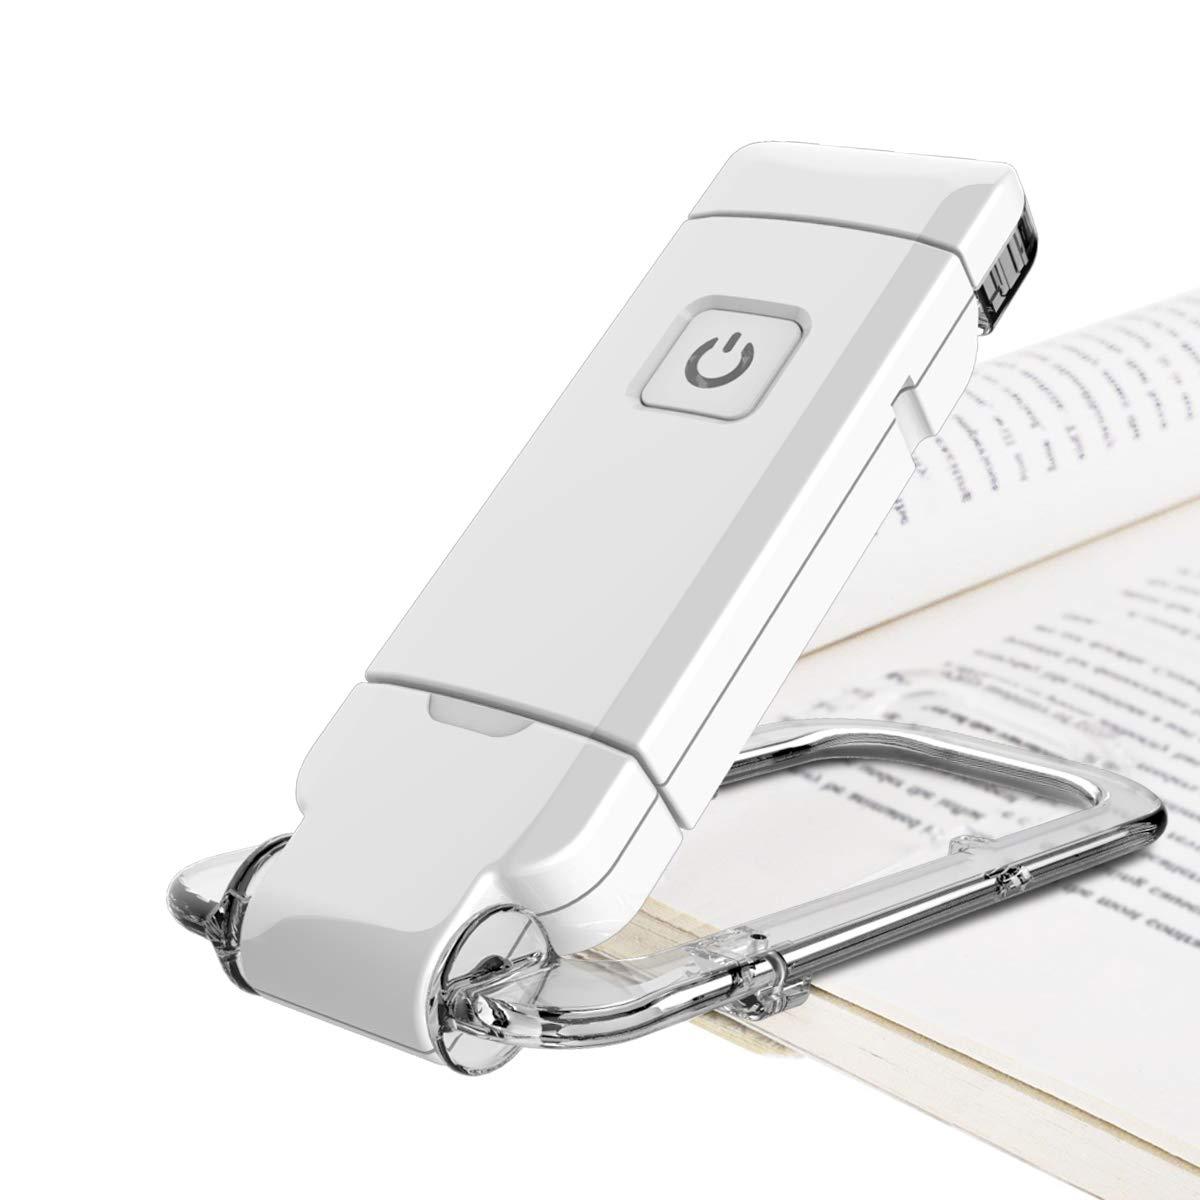 HONWELL LED Clip Leselampe Buch Klemm 1 Pack USB-Wiederaufladbare Buchleuchte Kinder und Helligkeit Verstellbare Bettleseleuchte in der Nacht, Touch-Schalter, Clip auf Bü cher Kindle